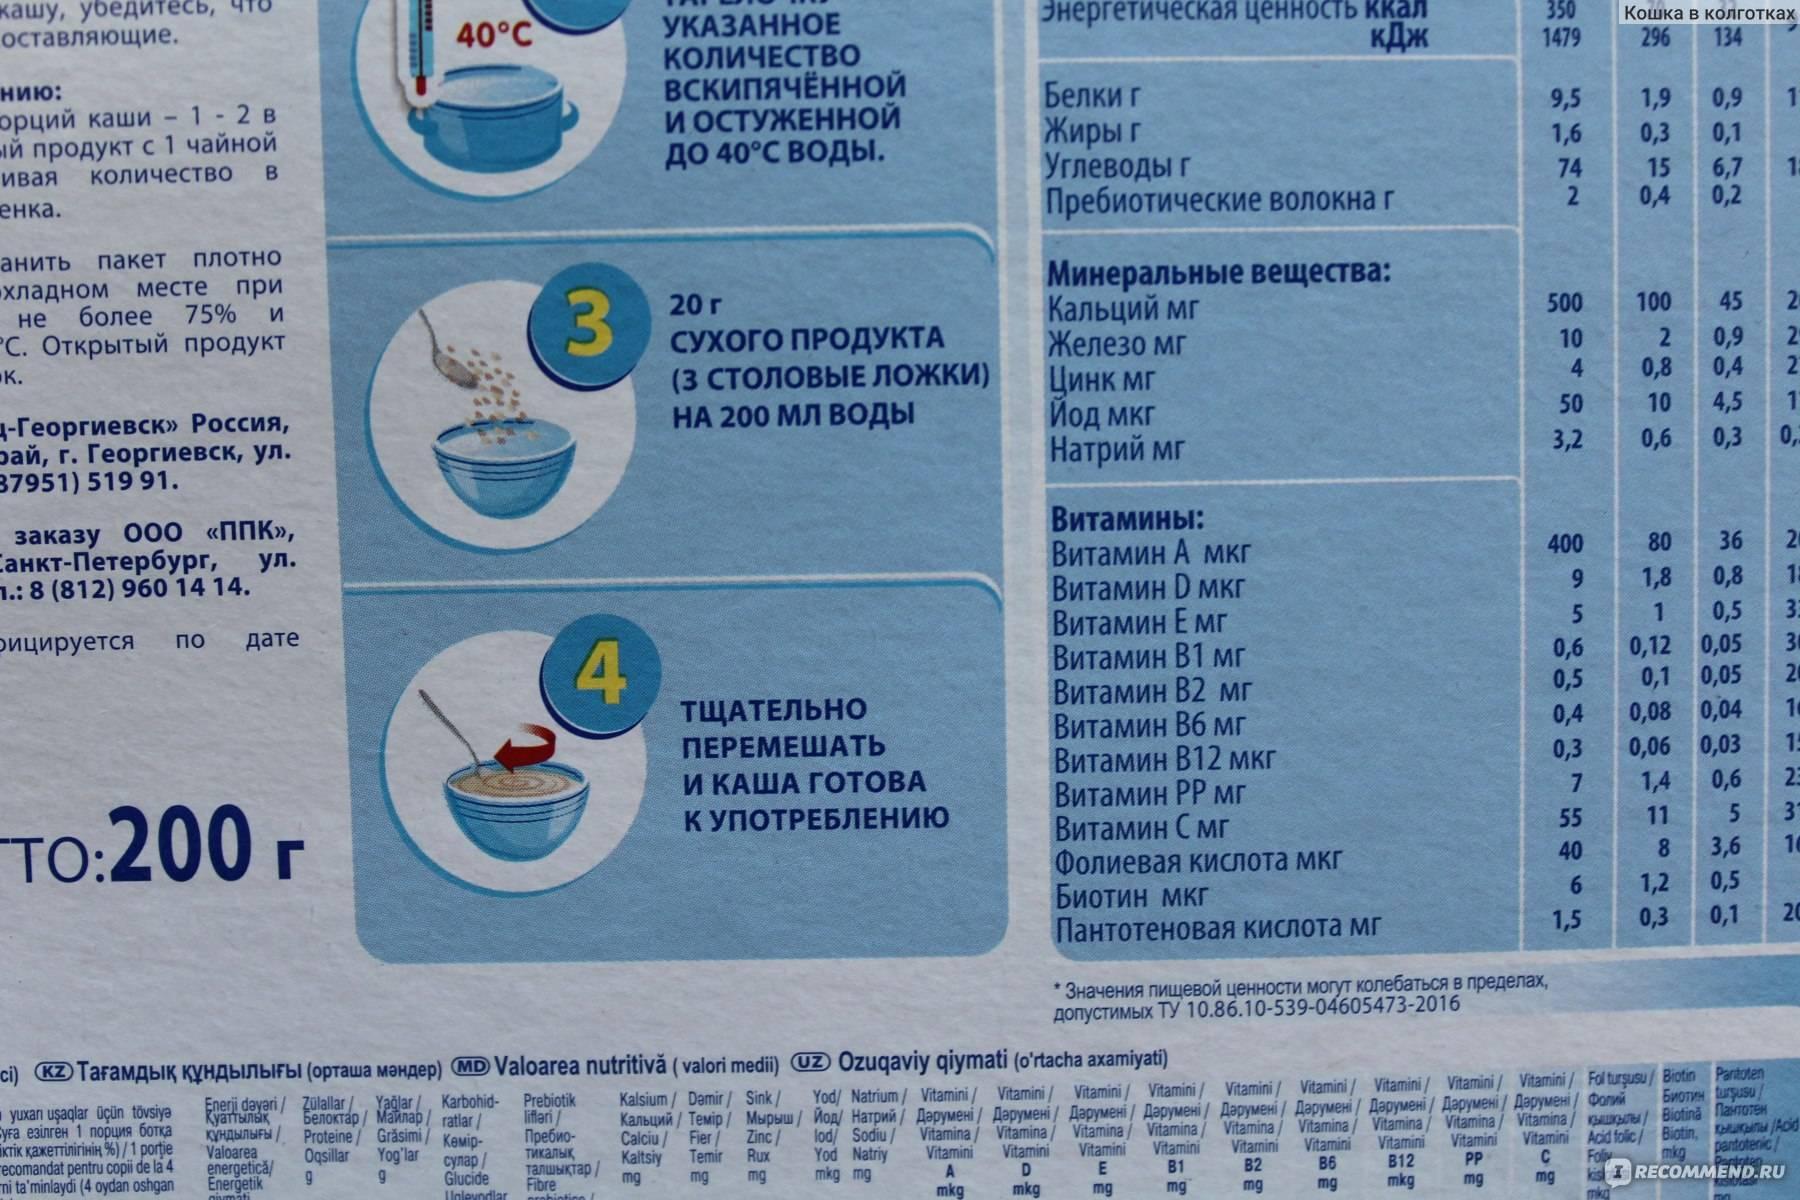 10 рецептов для кормящей мамы: вкусное питание при грудном вскармливании новорожденного от nutrilak